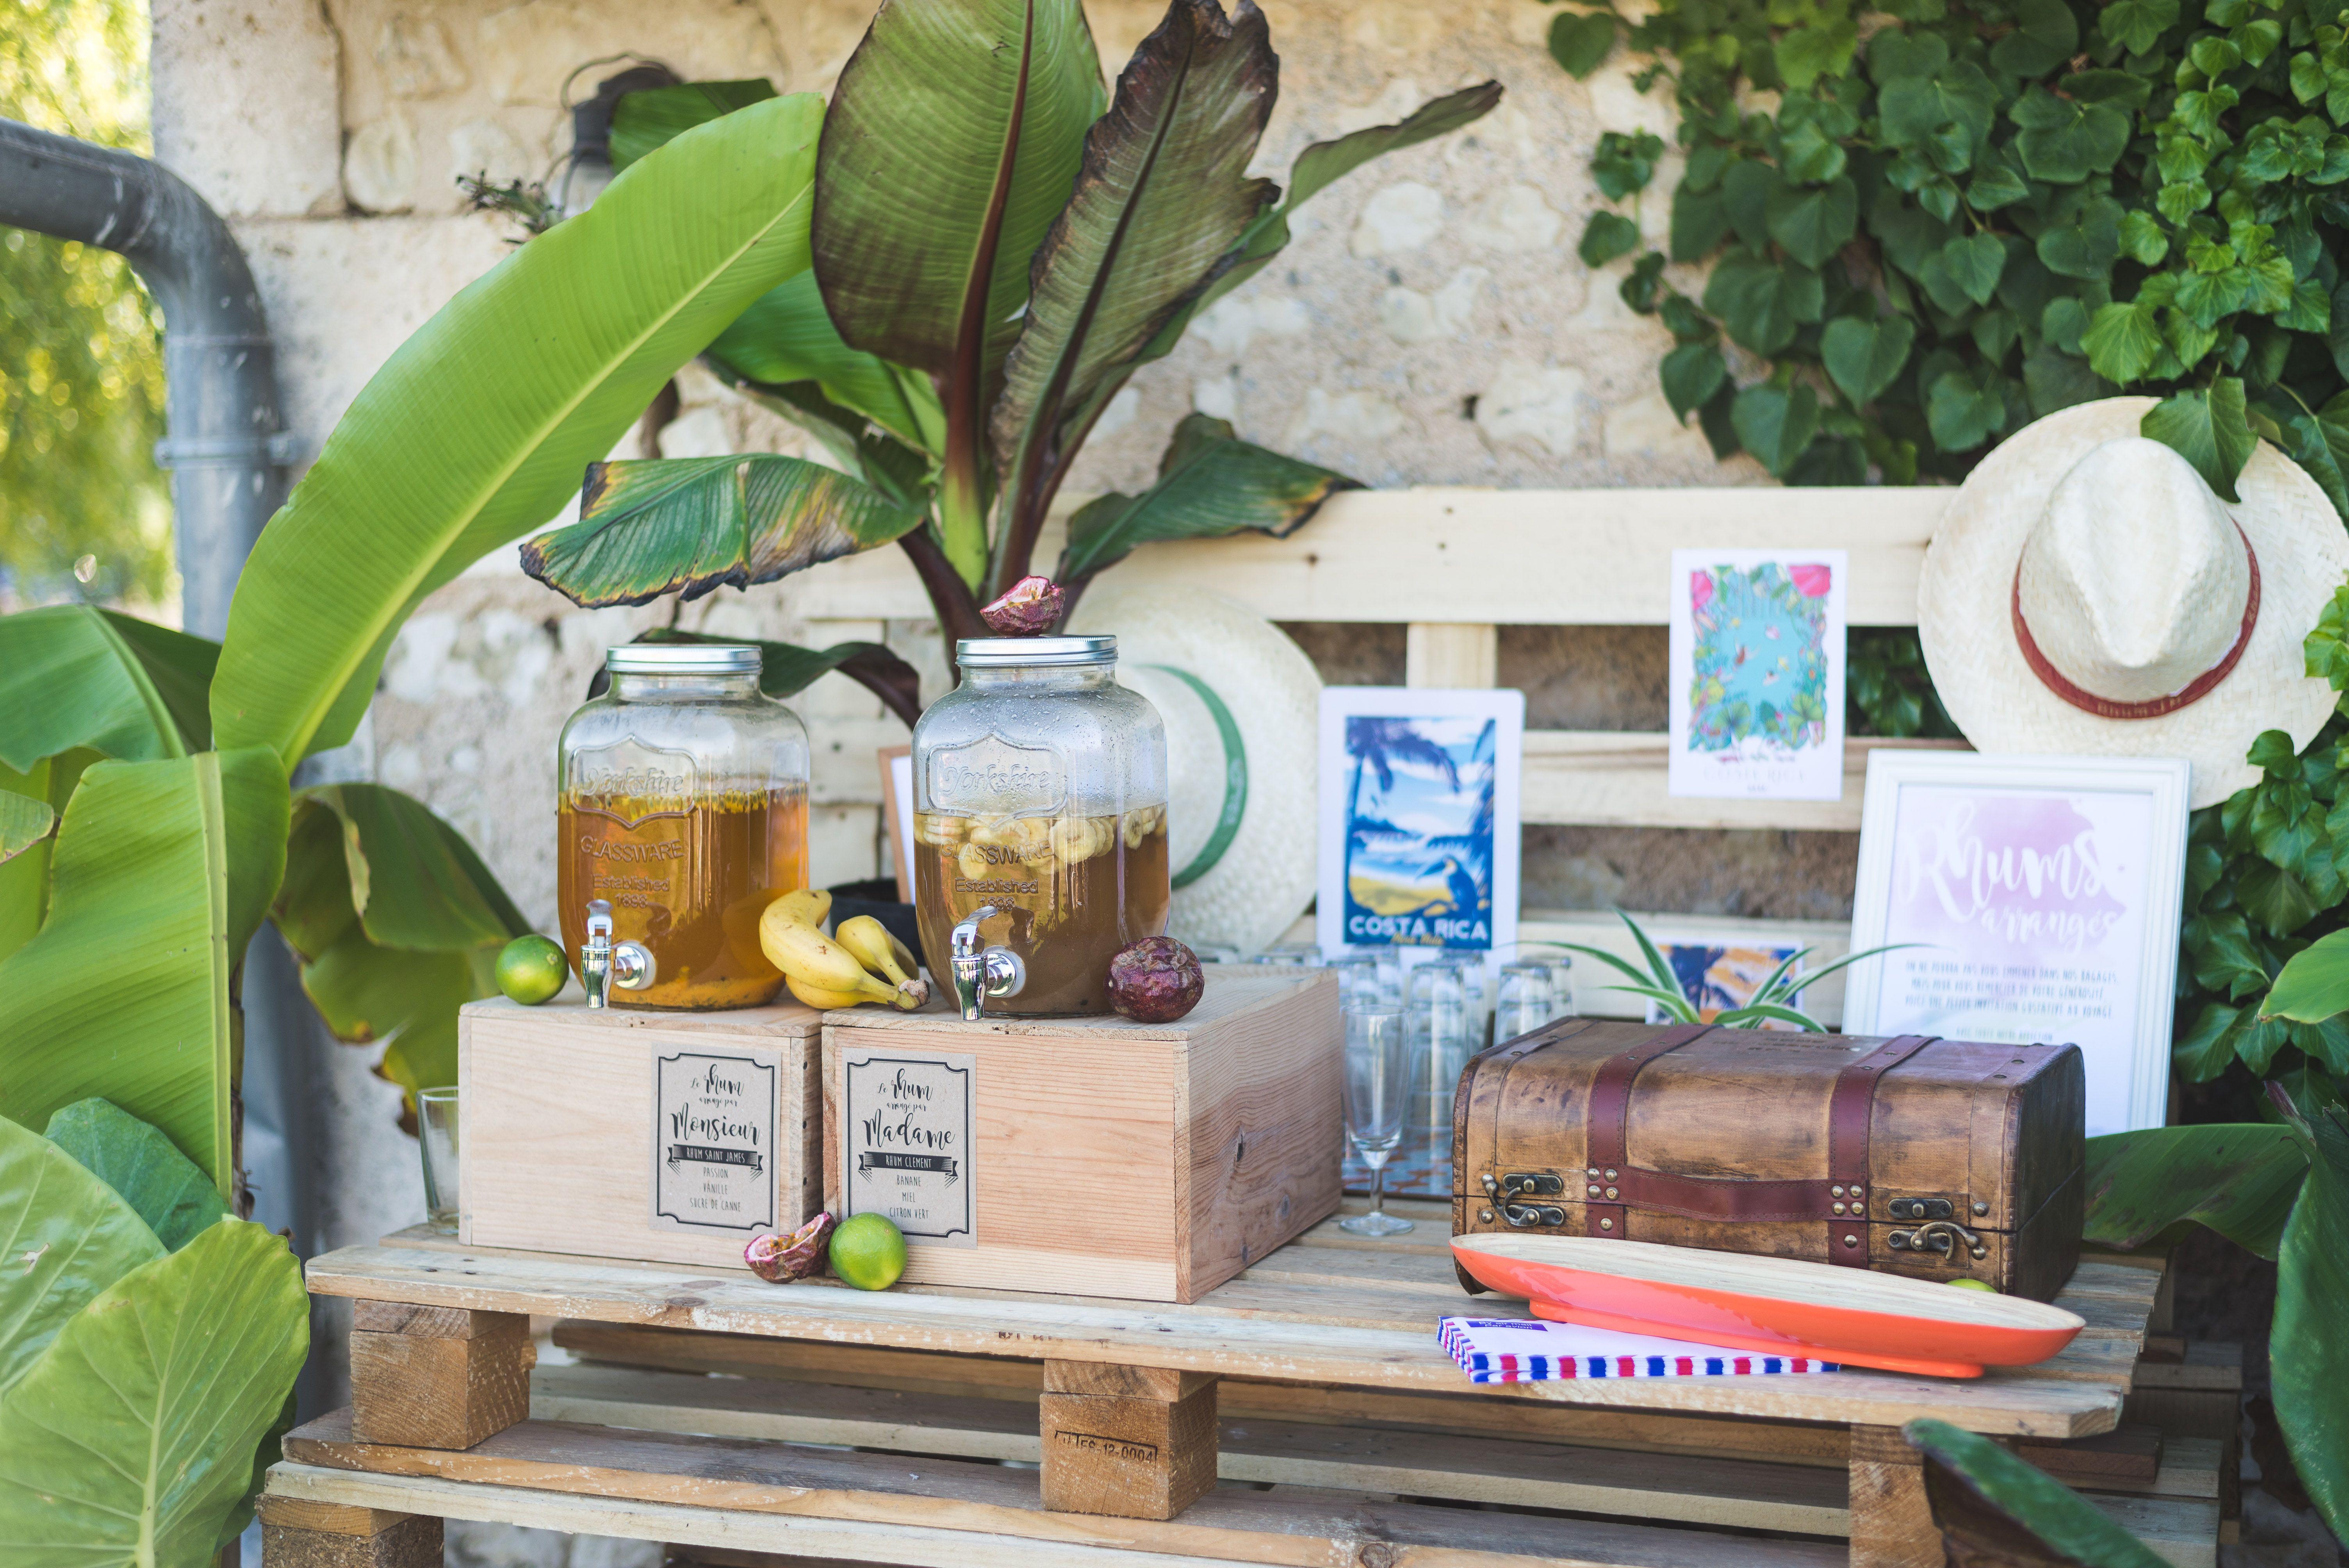 mariage th me tropical bar exotique rhum arrang cocktail signature d cor palette. Black Bedroom Furniture Sets. Home Design Ideas